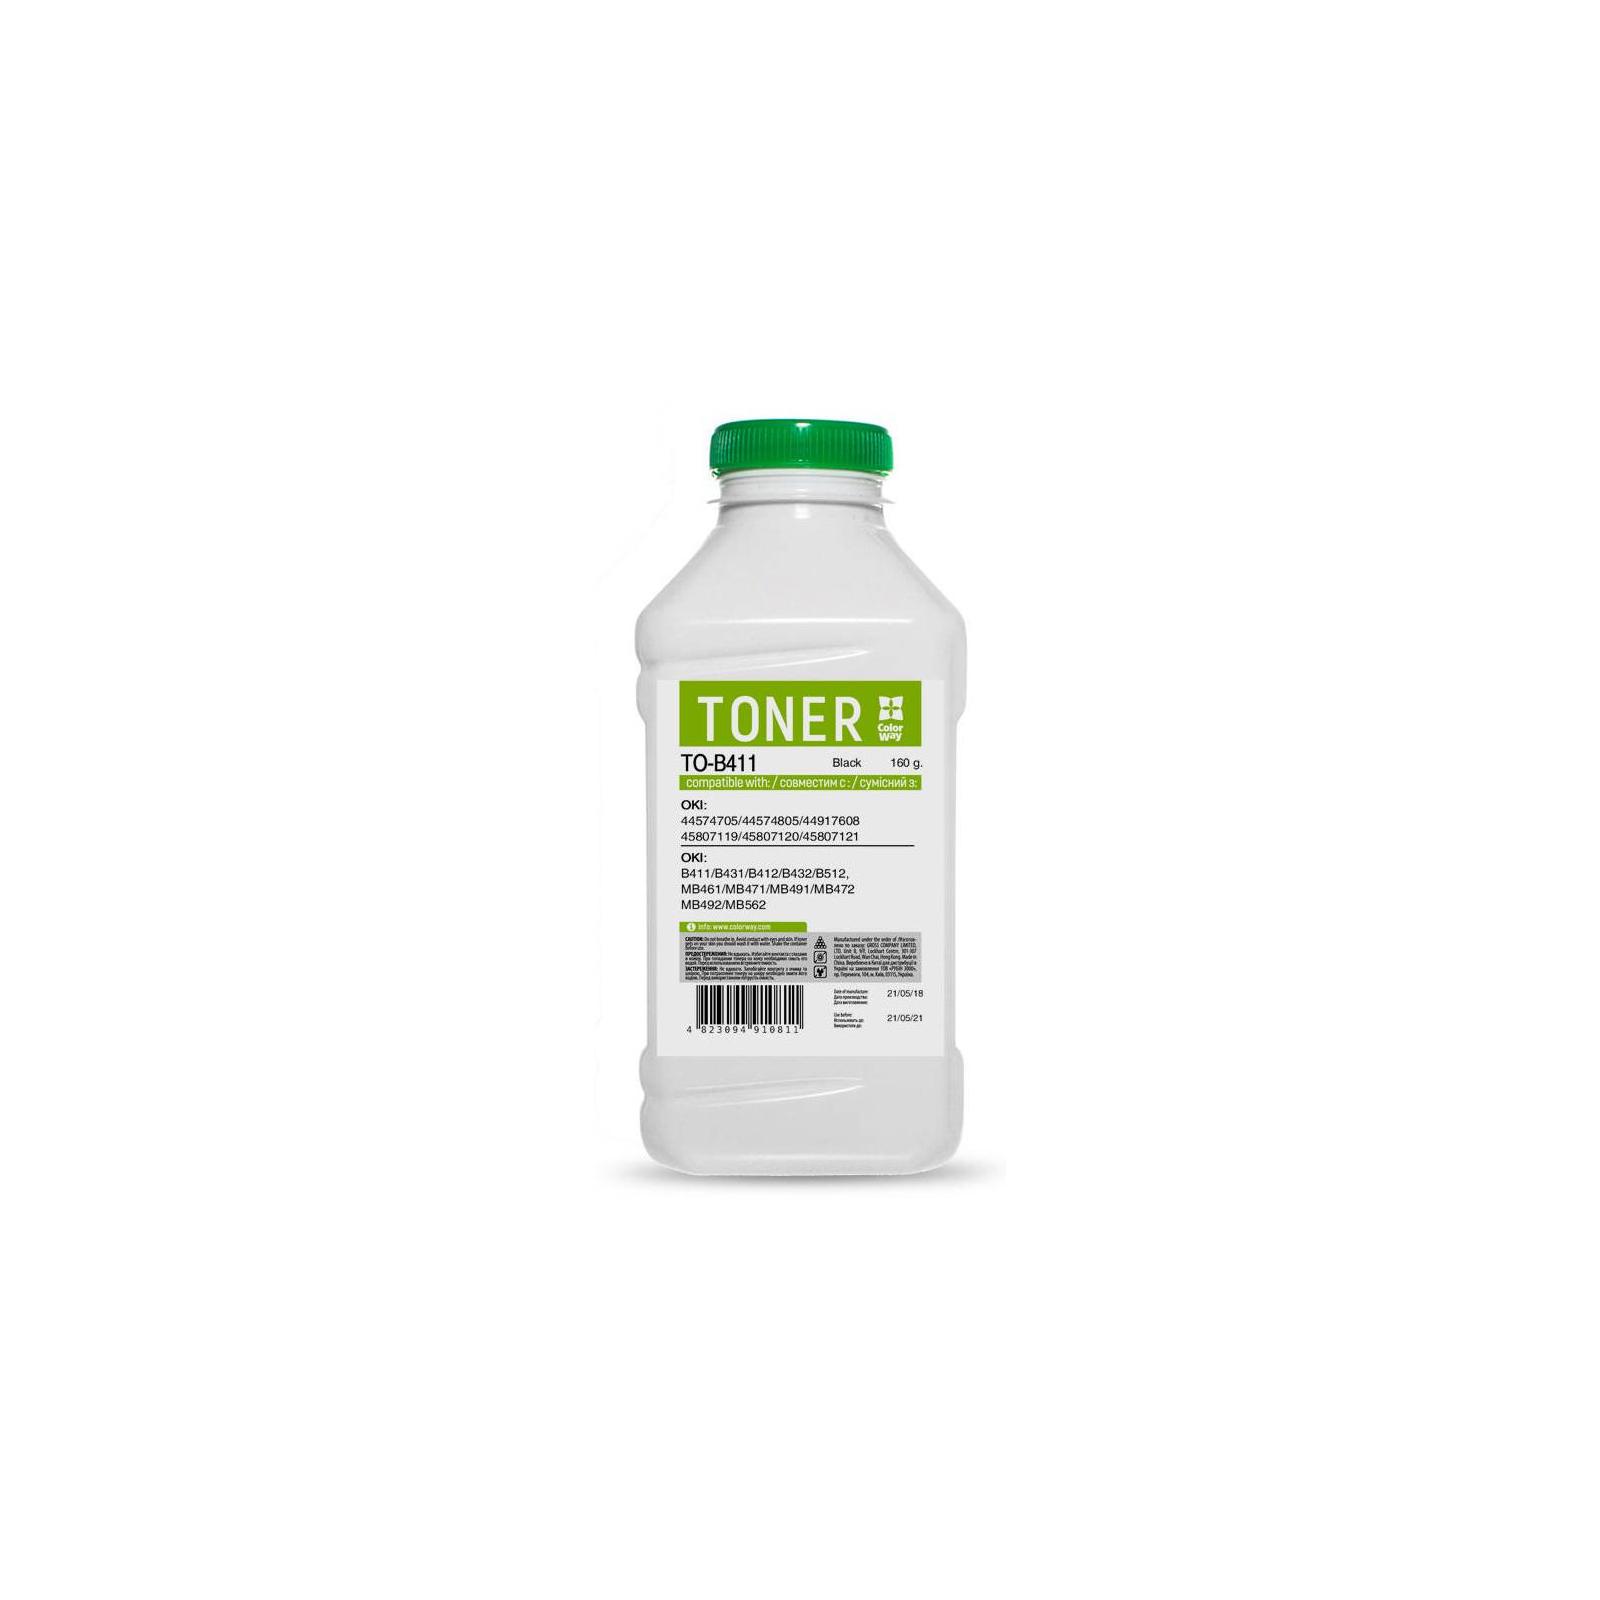 Тонер OKI B411/B431 160g ColorWay (TO-B411)